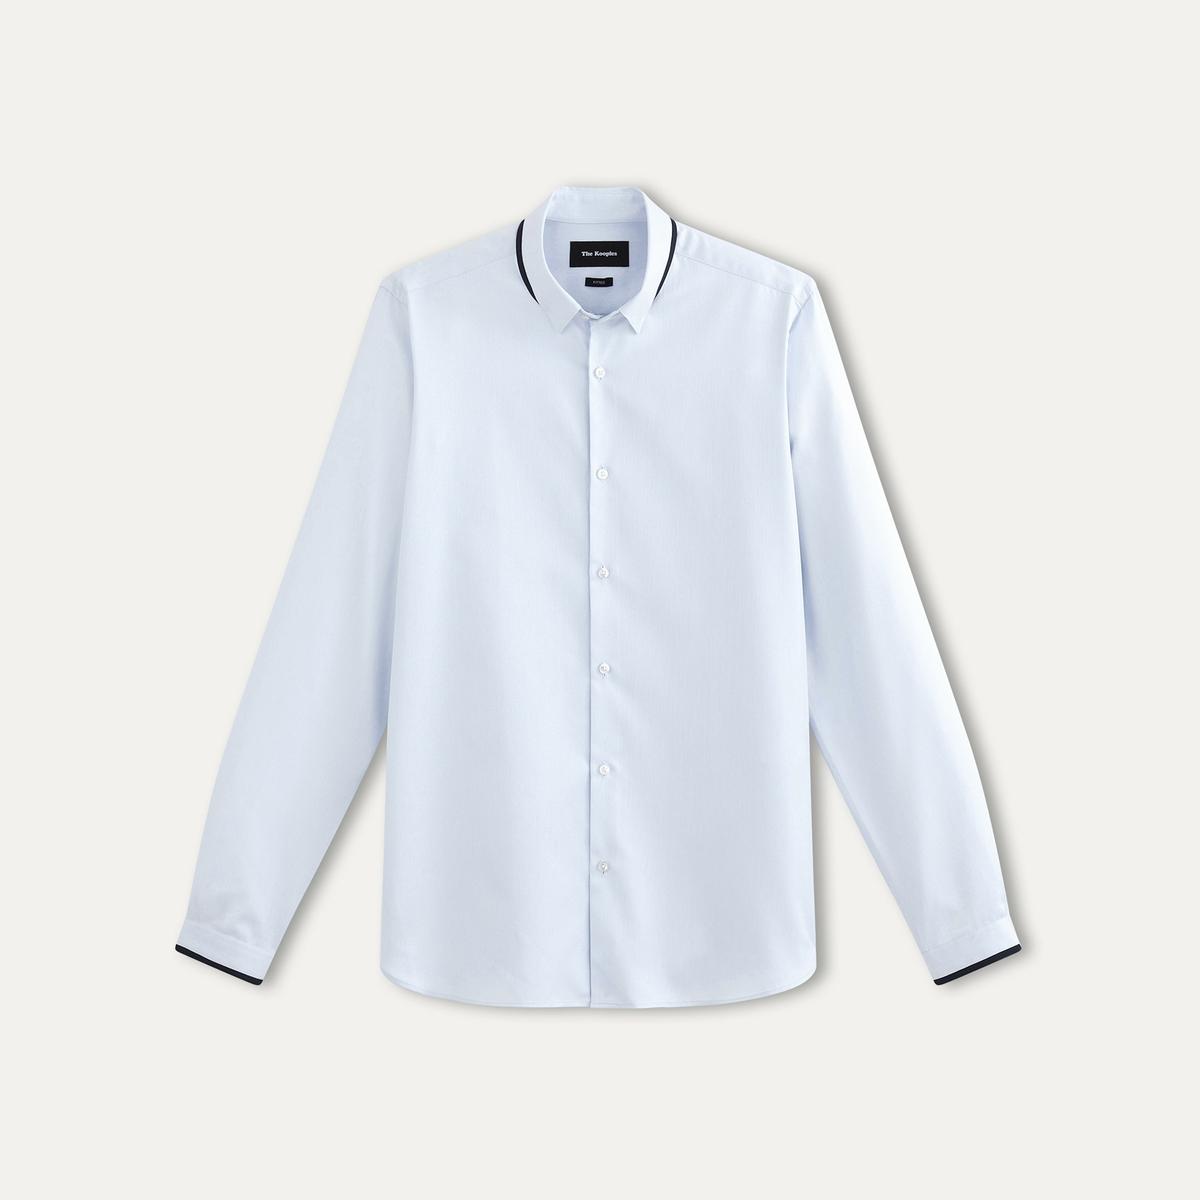 Рубашка из хлопковой ткани пикеСостав и описание    Материал : 100% хлопка.    Вставки : 100% полиэстера    Марка : THE KOOPLES<br><br>Цвет: синий